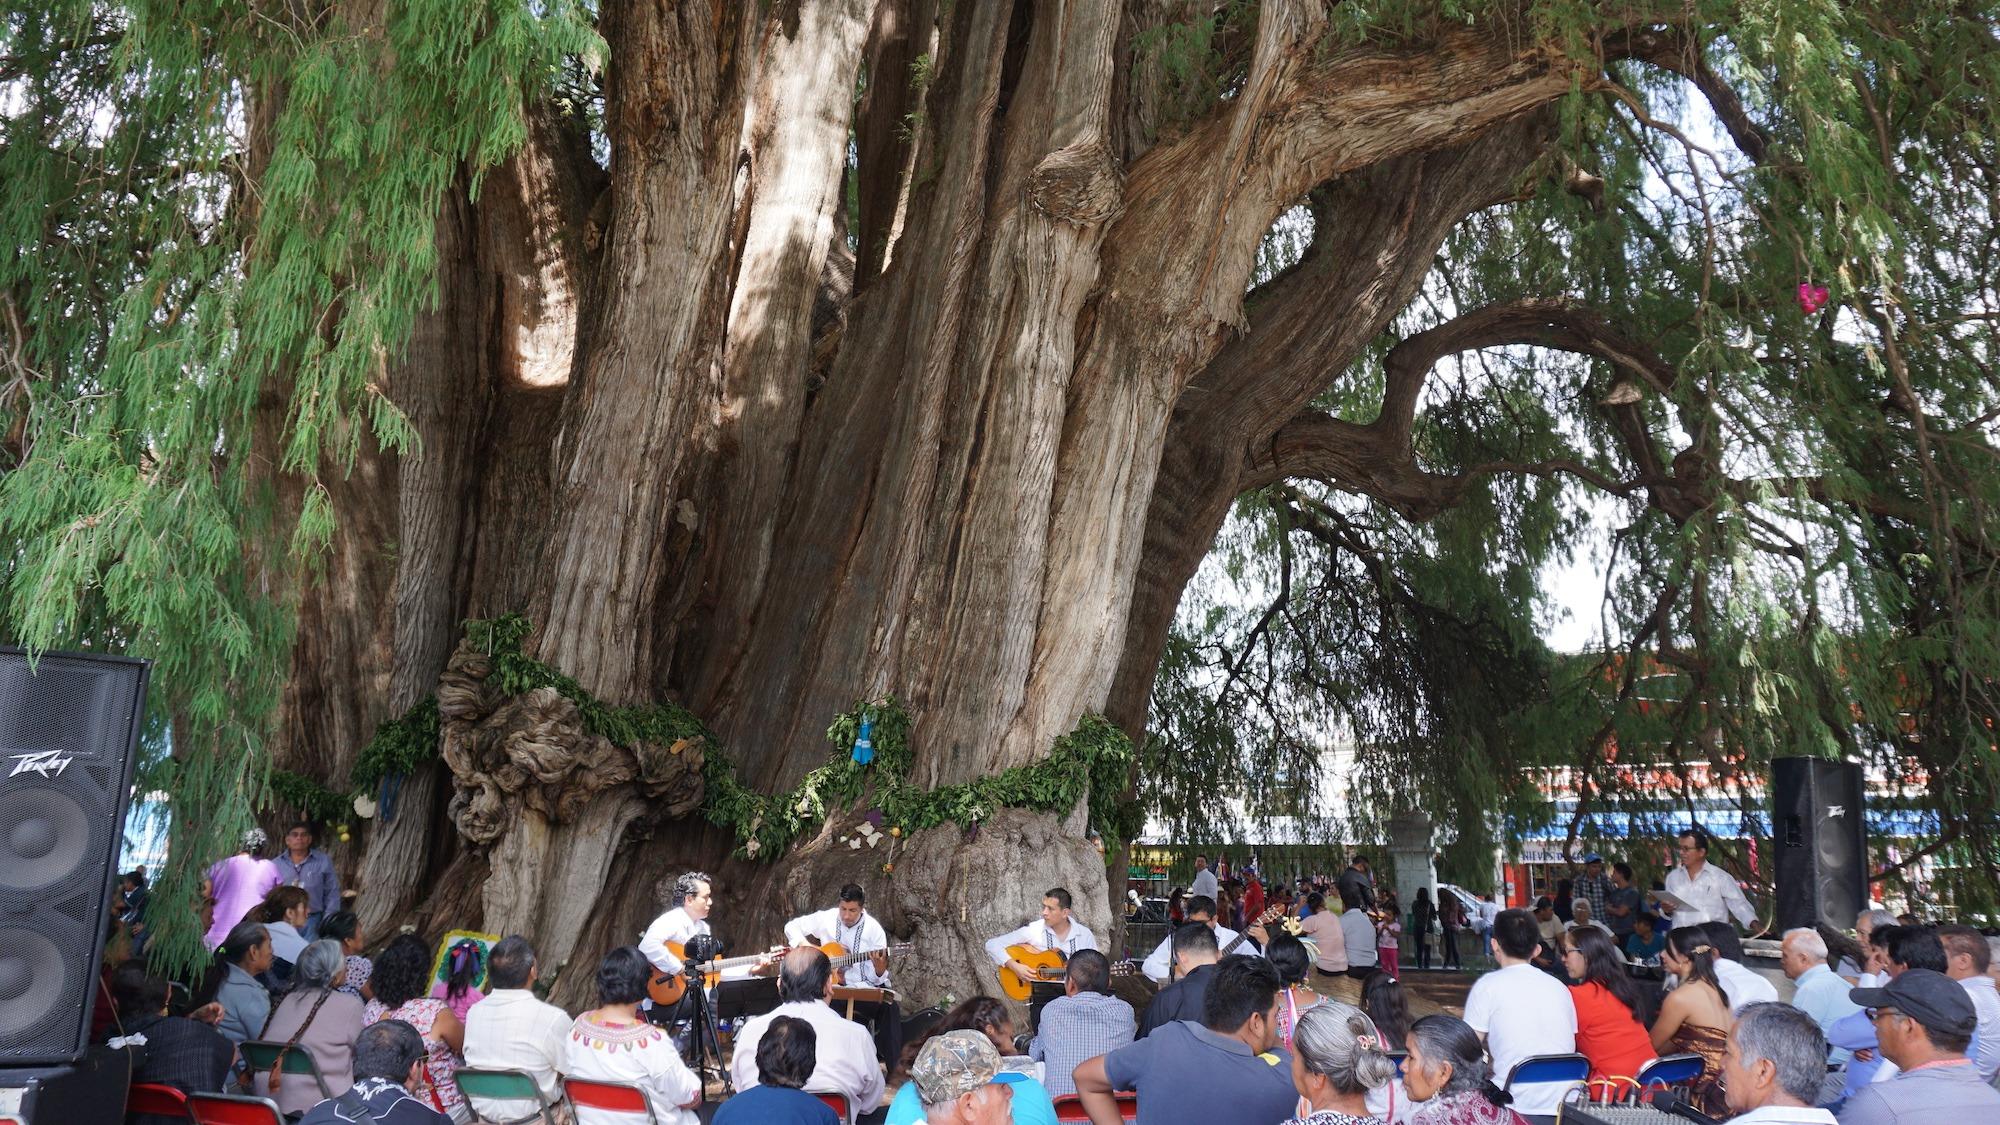 дерево туле мексика